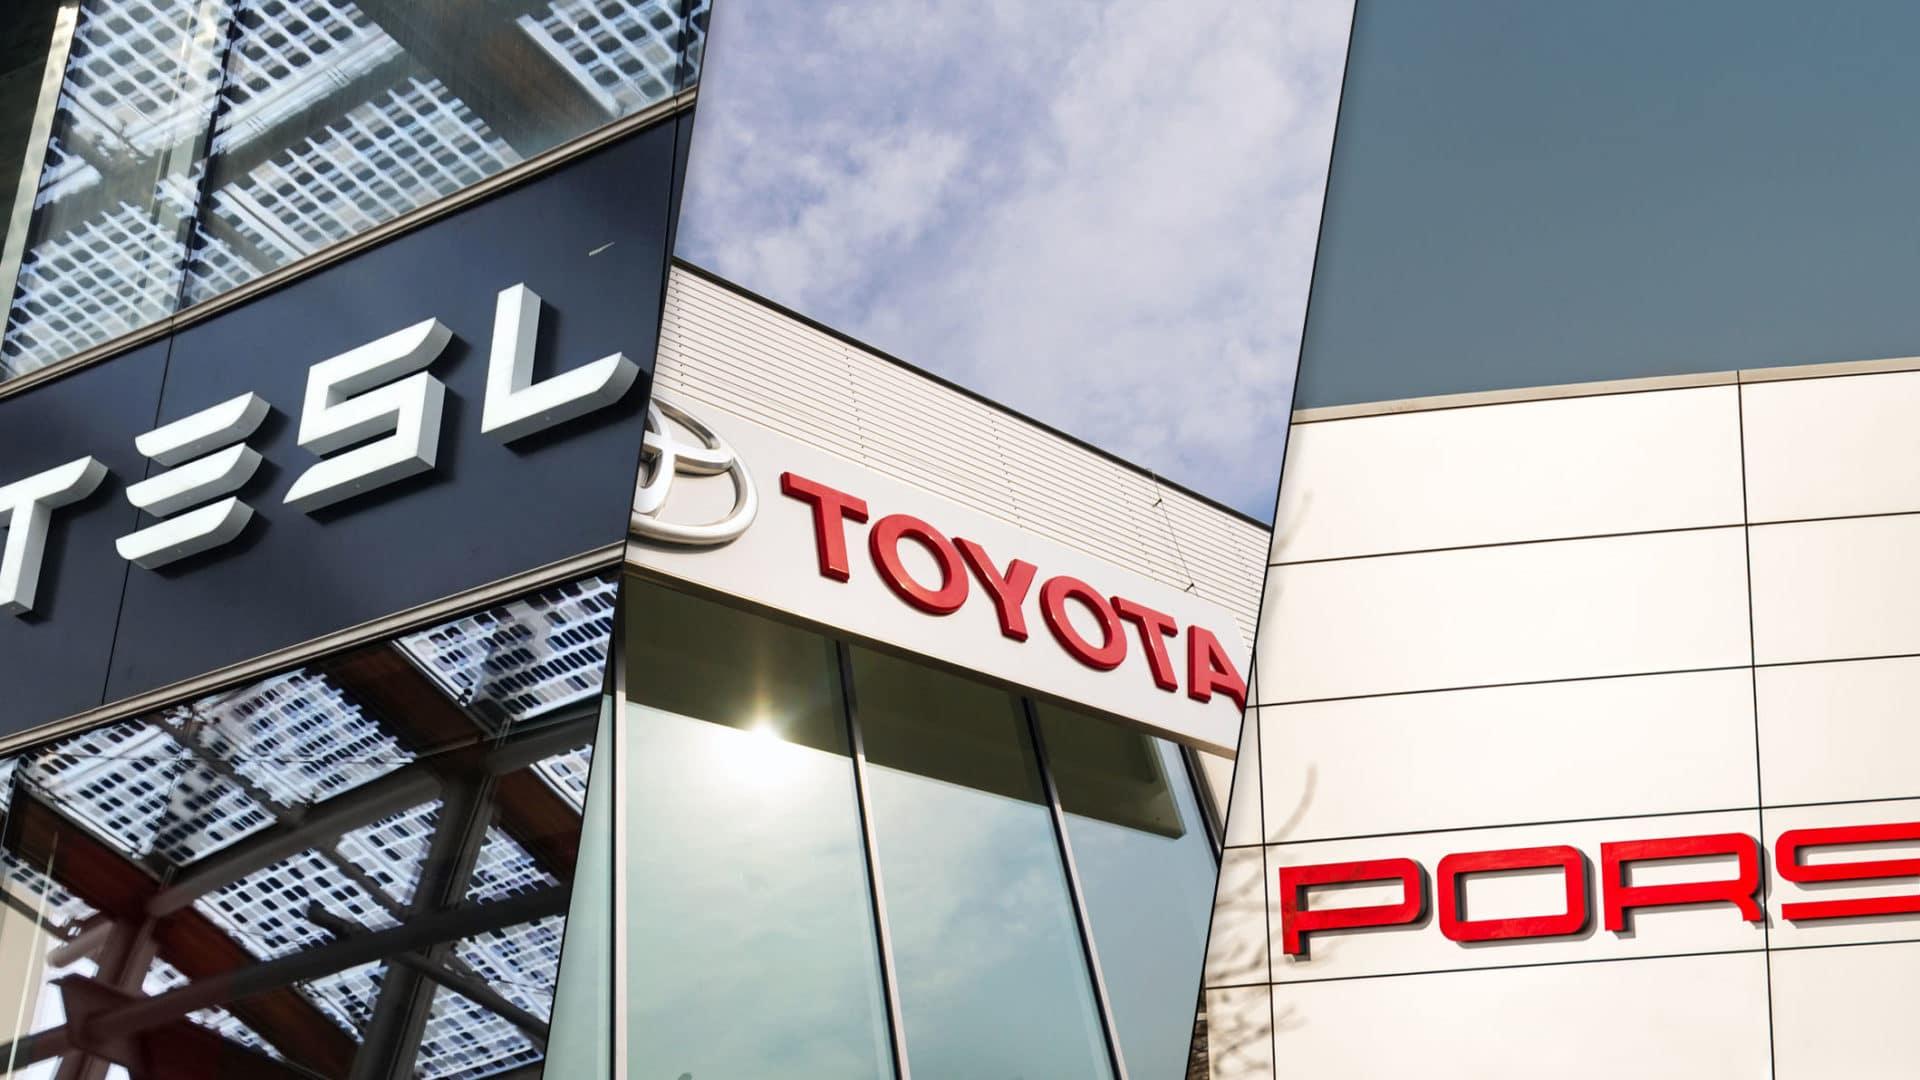 KBB Tesla Porsche Toyota